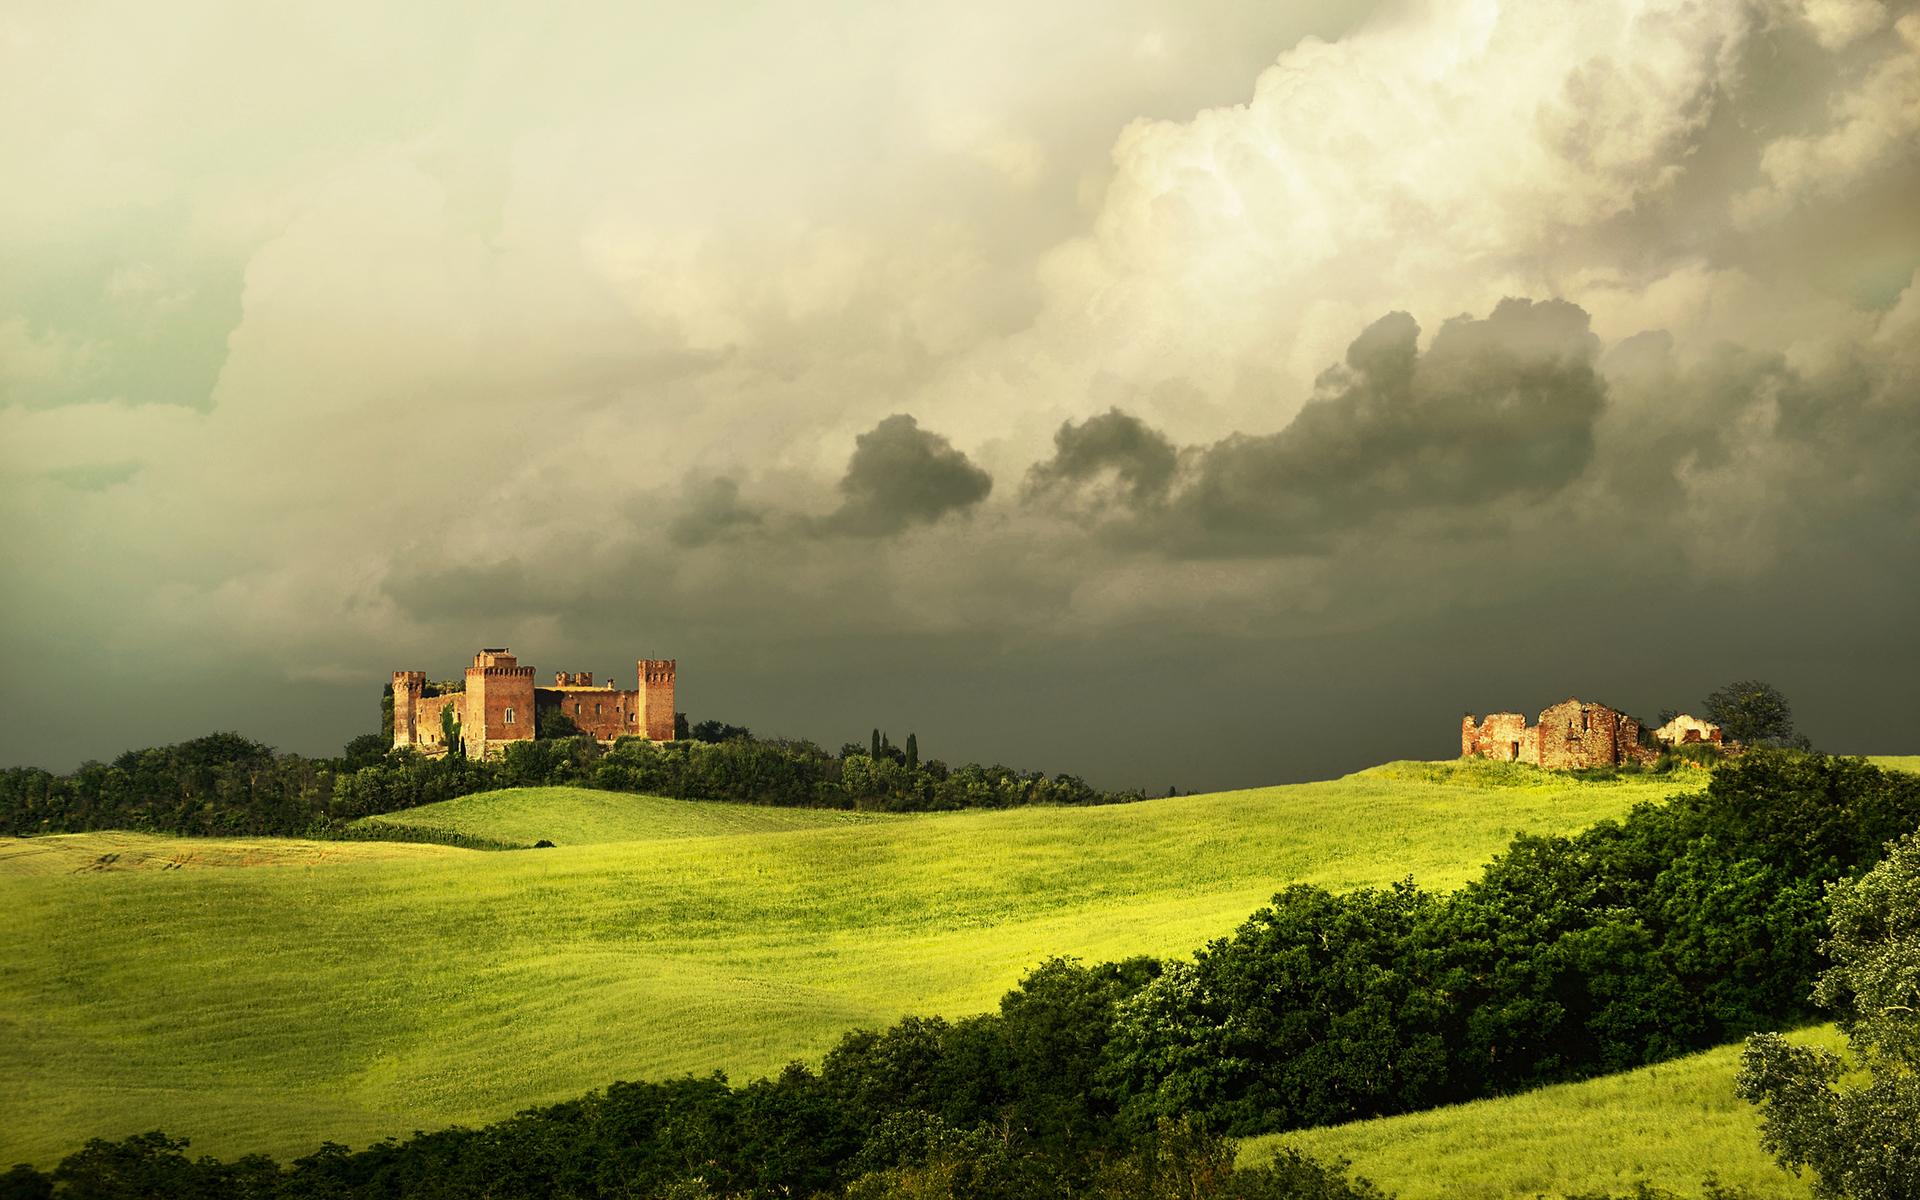 Castles cloudy landscape